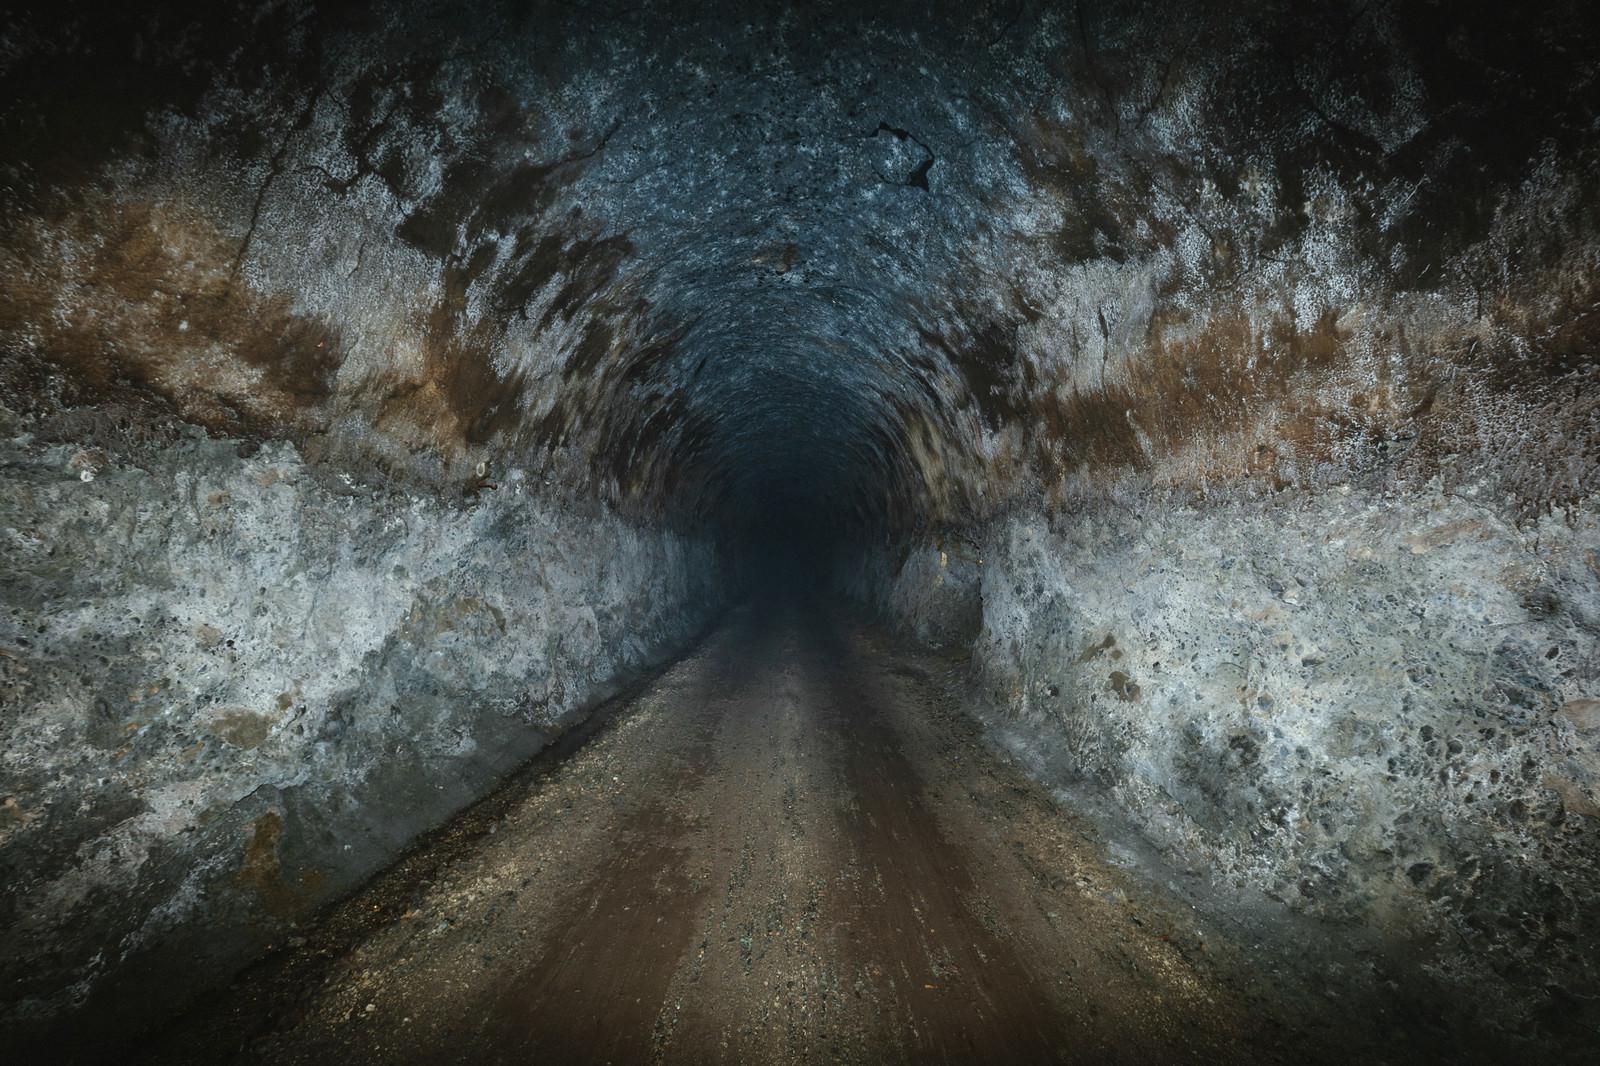 「照明がない真っ暗なトンネル」の写真